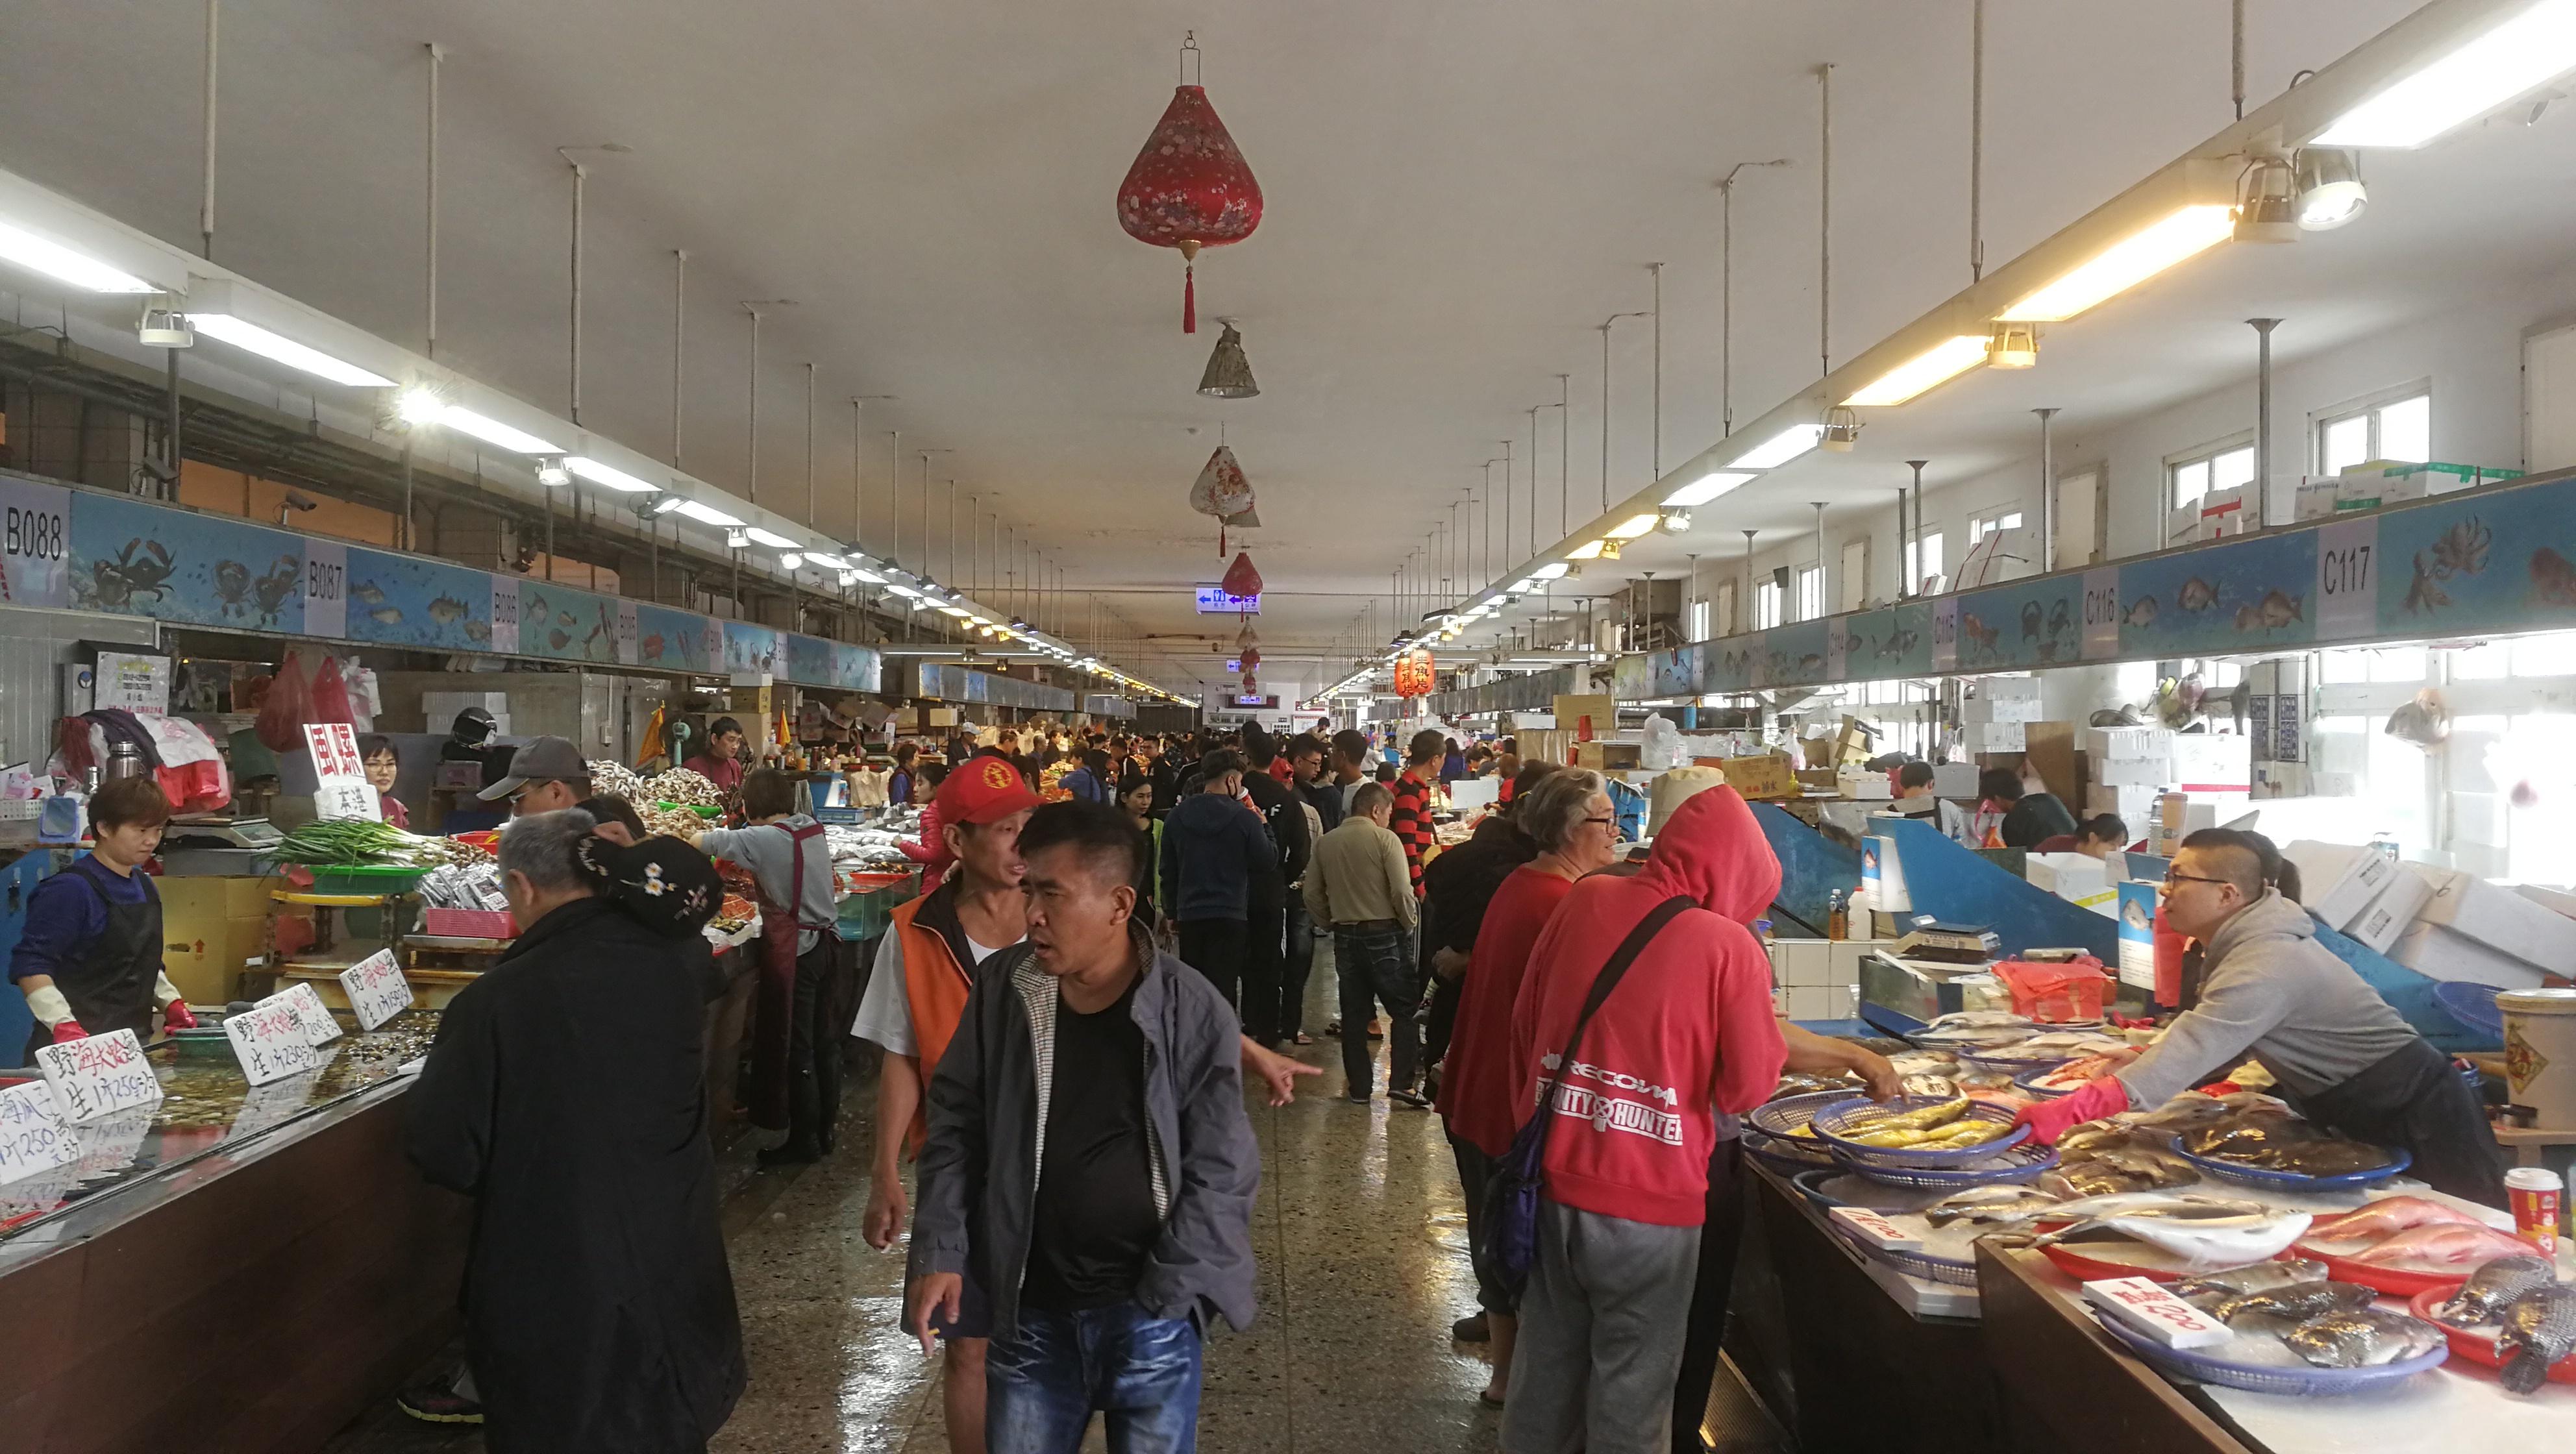 2020年1月24日下午,台中市清水区,梧栖观光渔港鱼市场里外的人群。